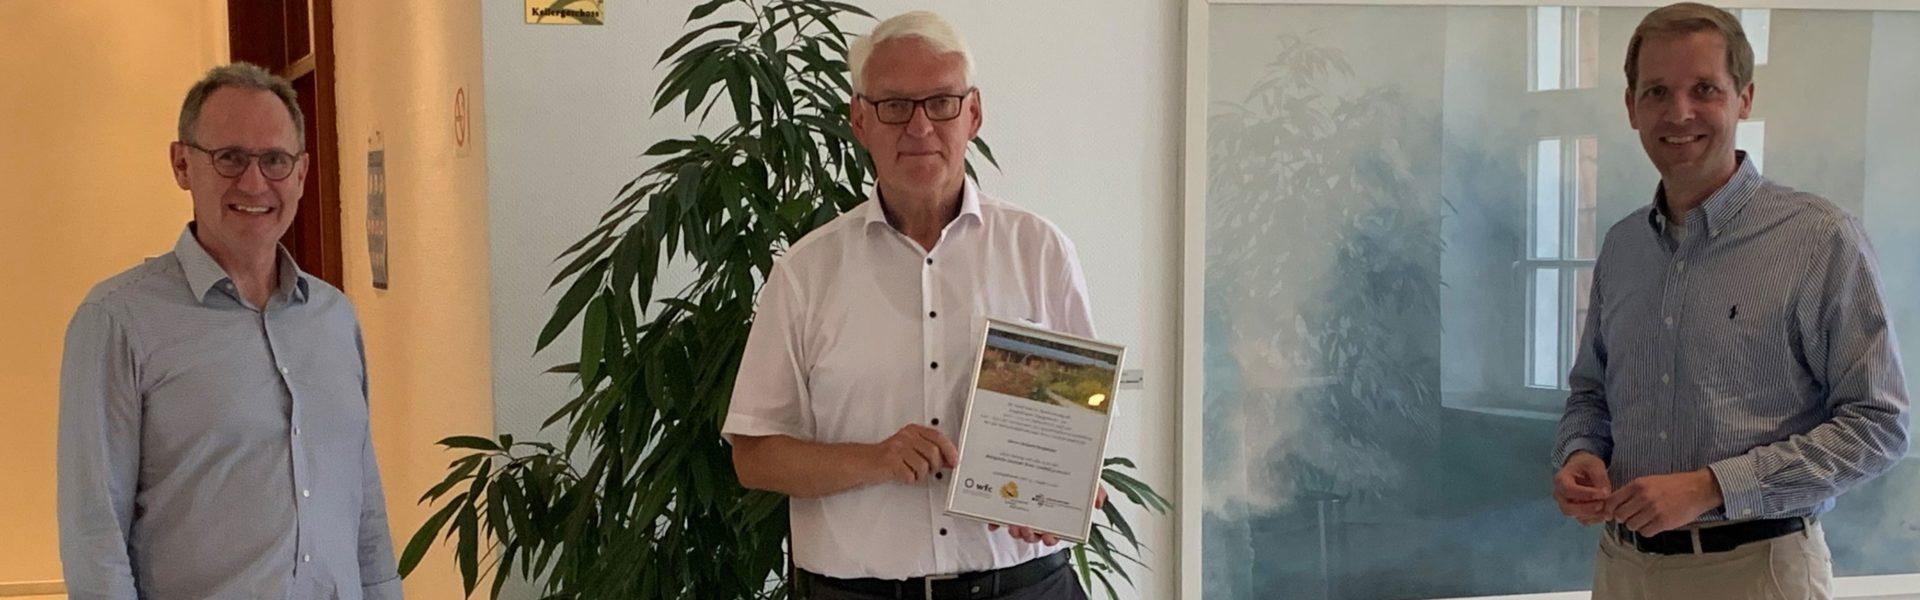 wfc verabschiedet Richard Borgmann als Vorsitzenden der Gesellschafterversammlung